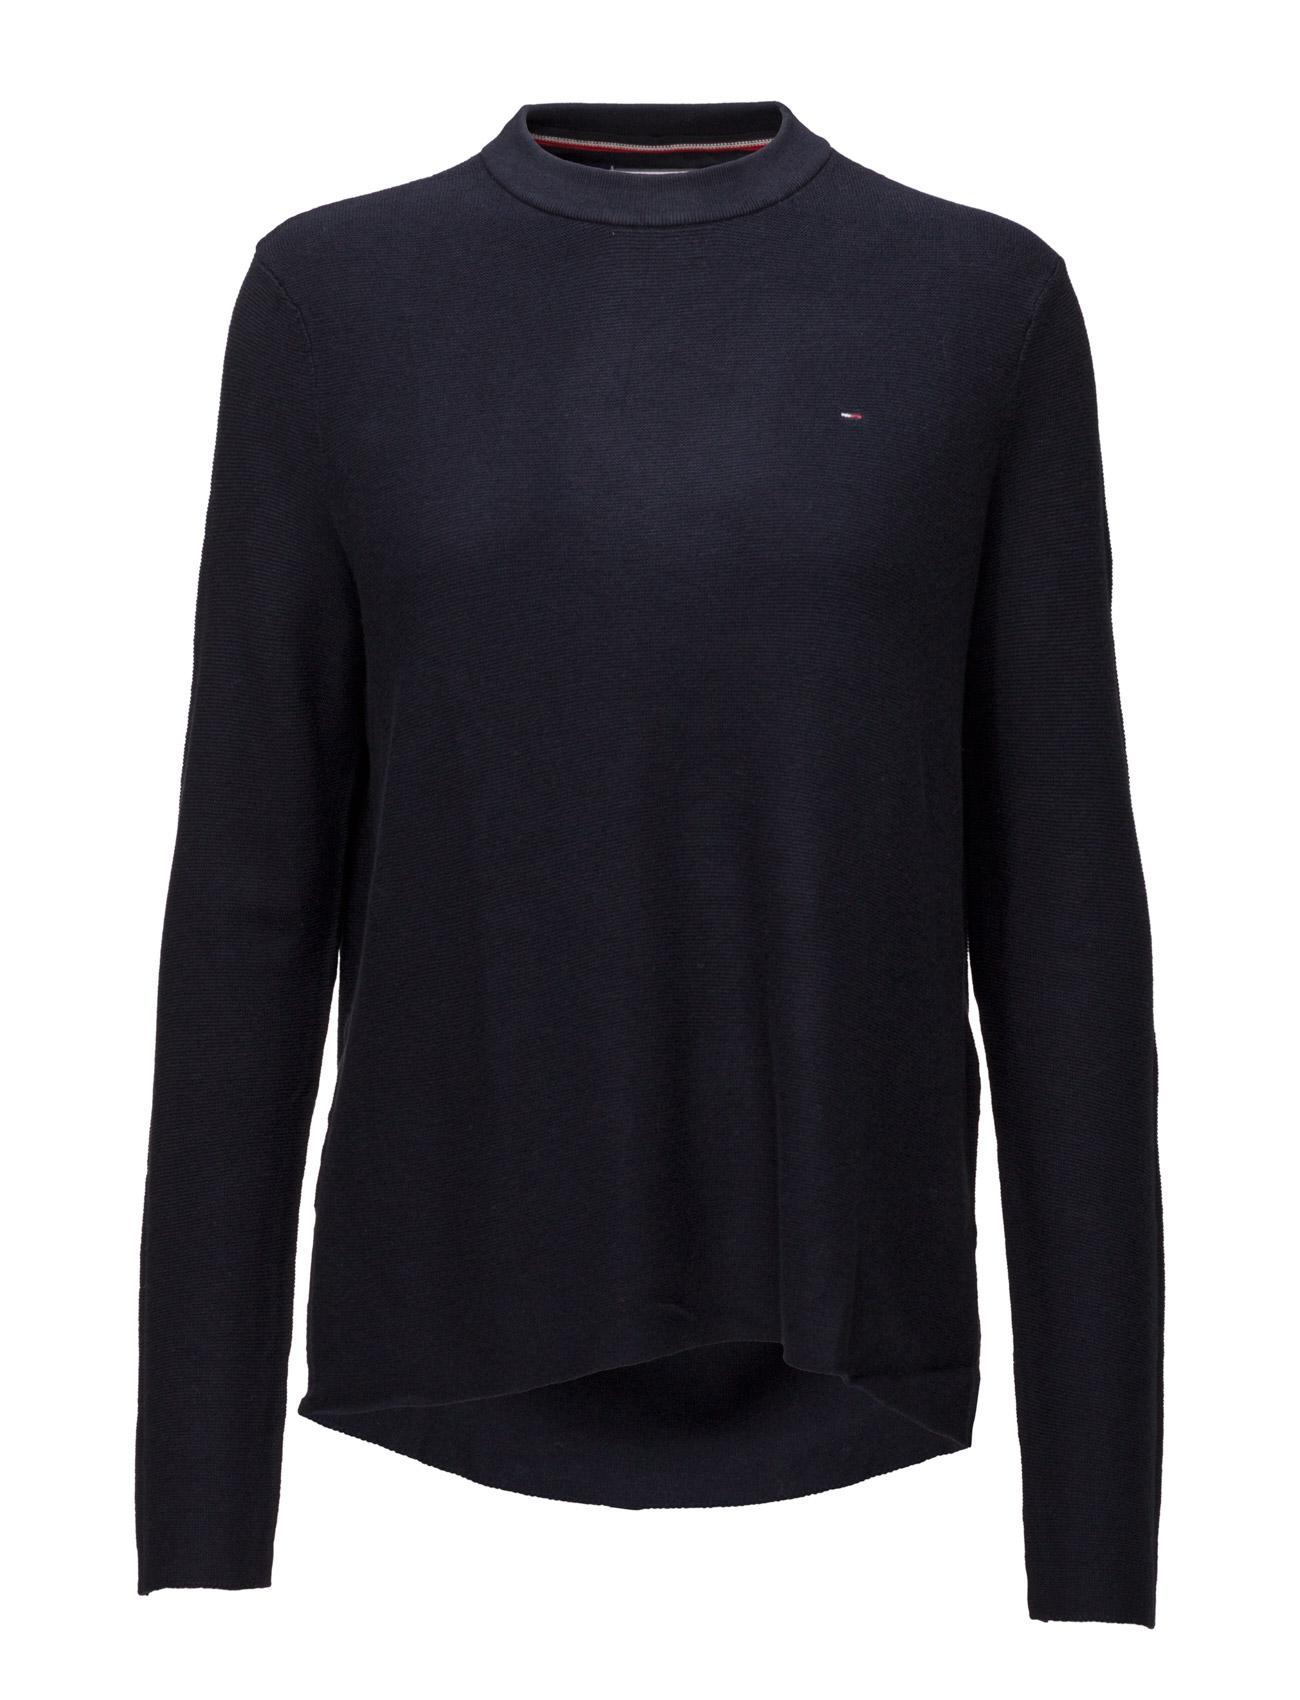 Thdw Basic Cn Sweater L/S 16 Hilfiger Denim Sweatshirts til Damer i Blå